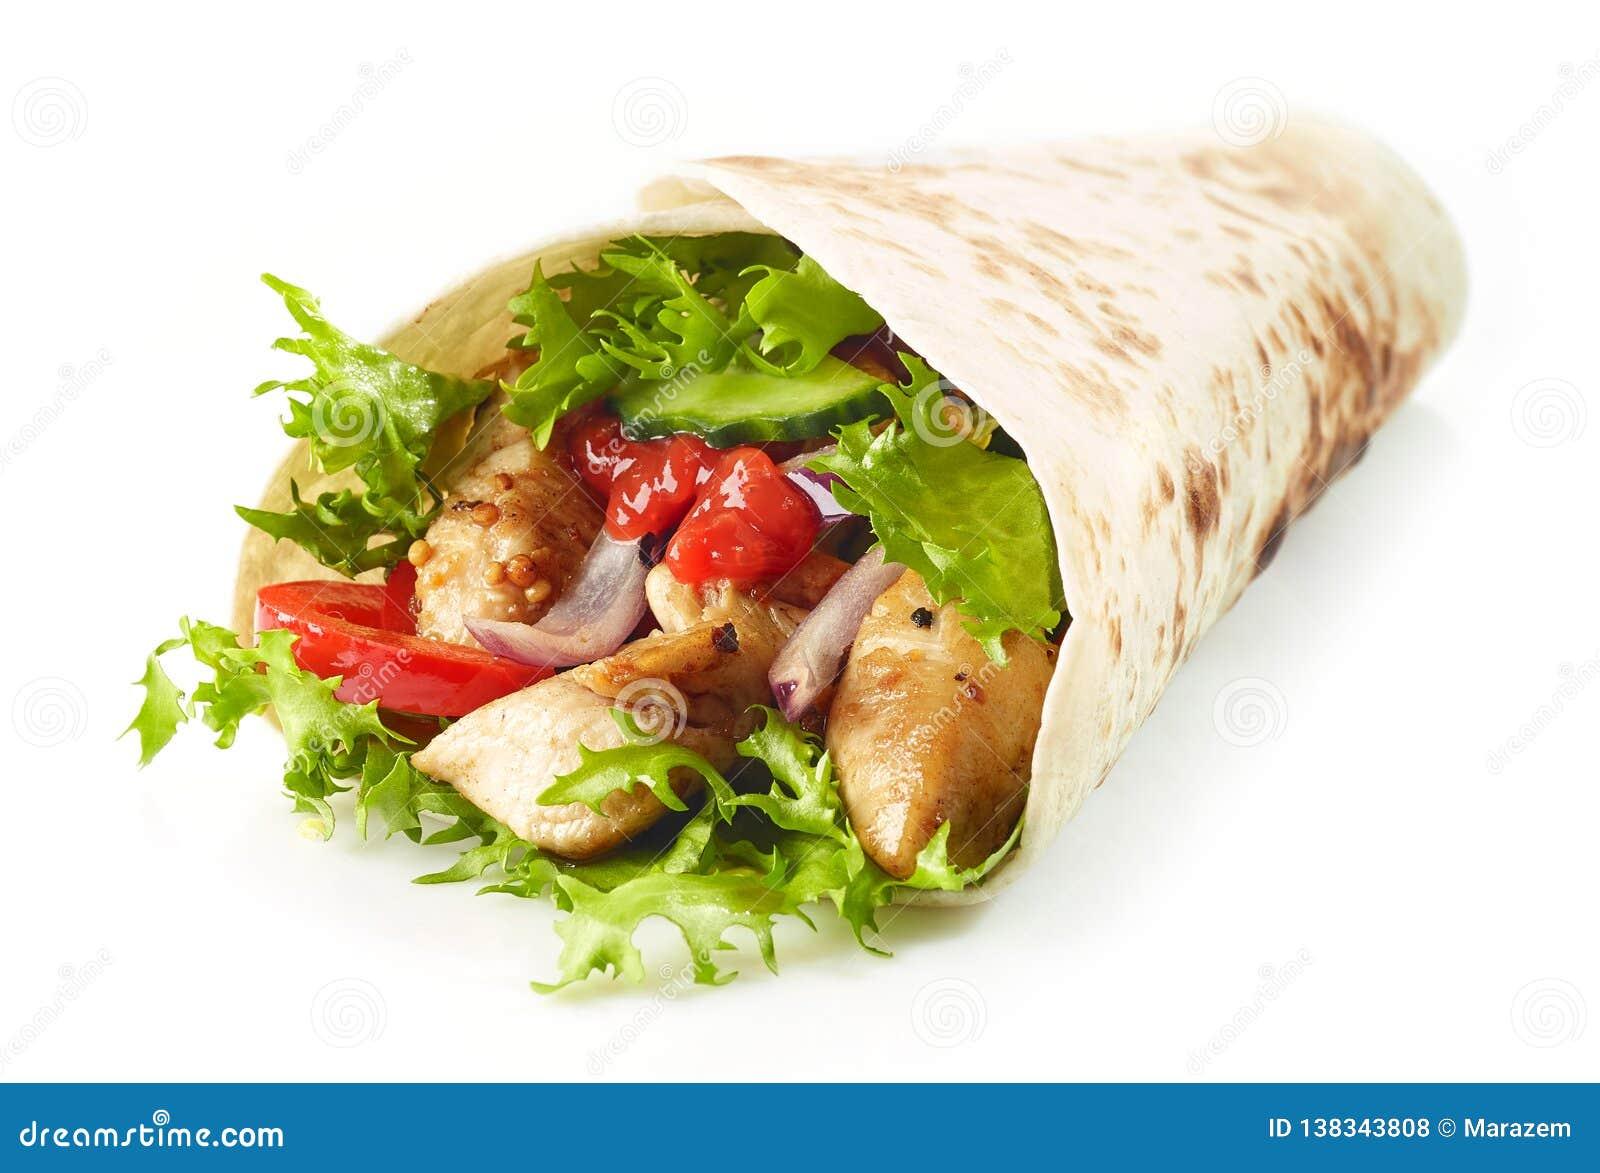 Tortillaomslag met gebraden kippenvlees en groenten